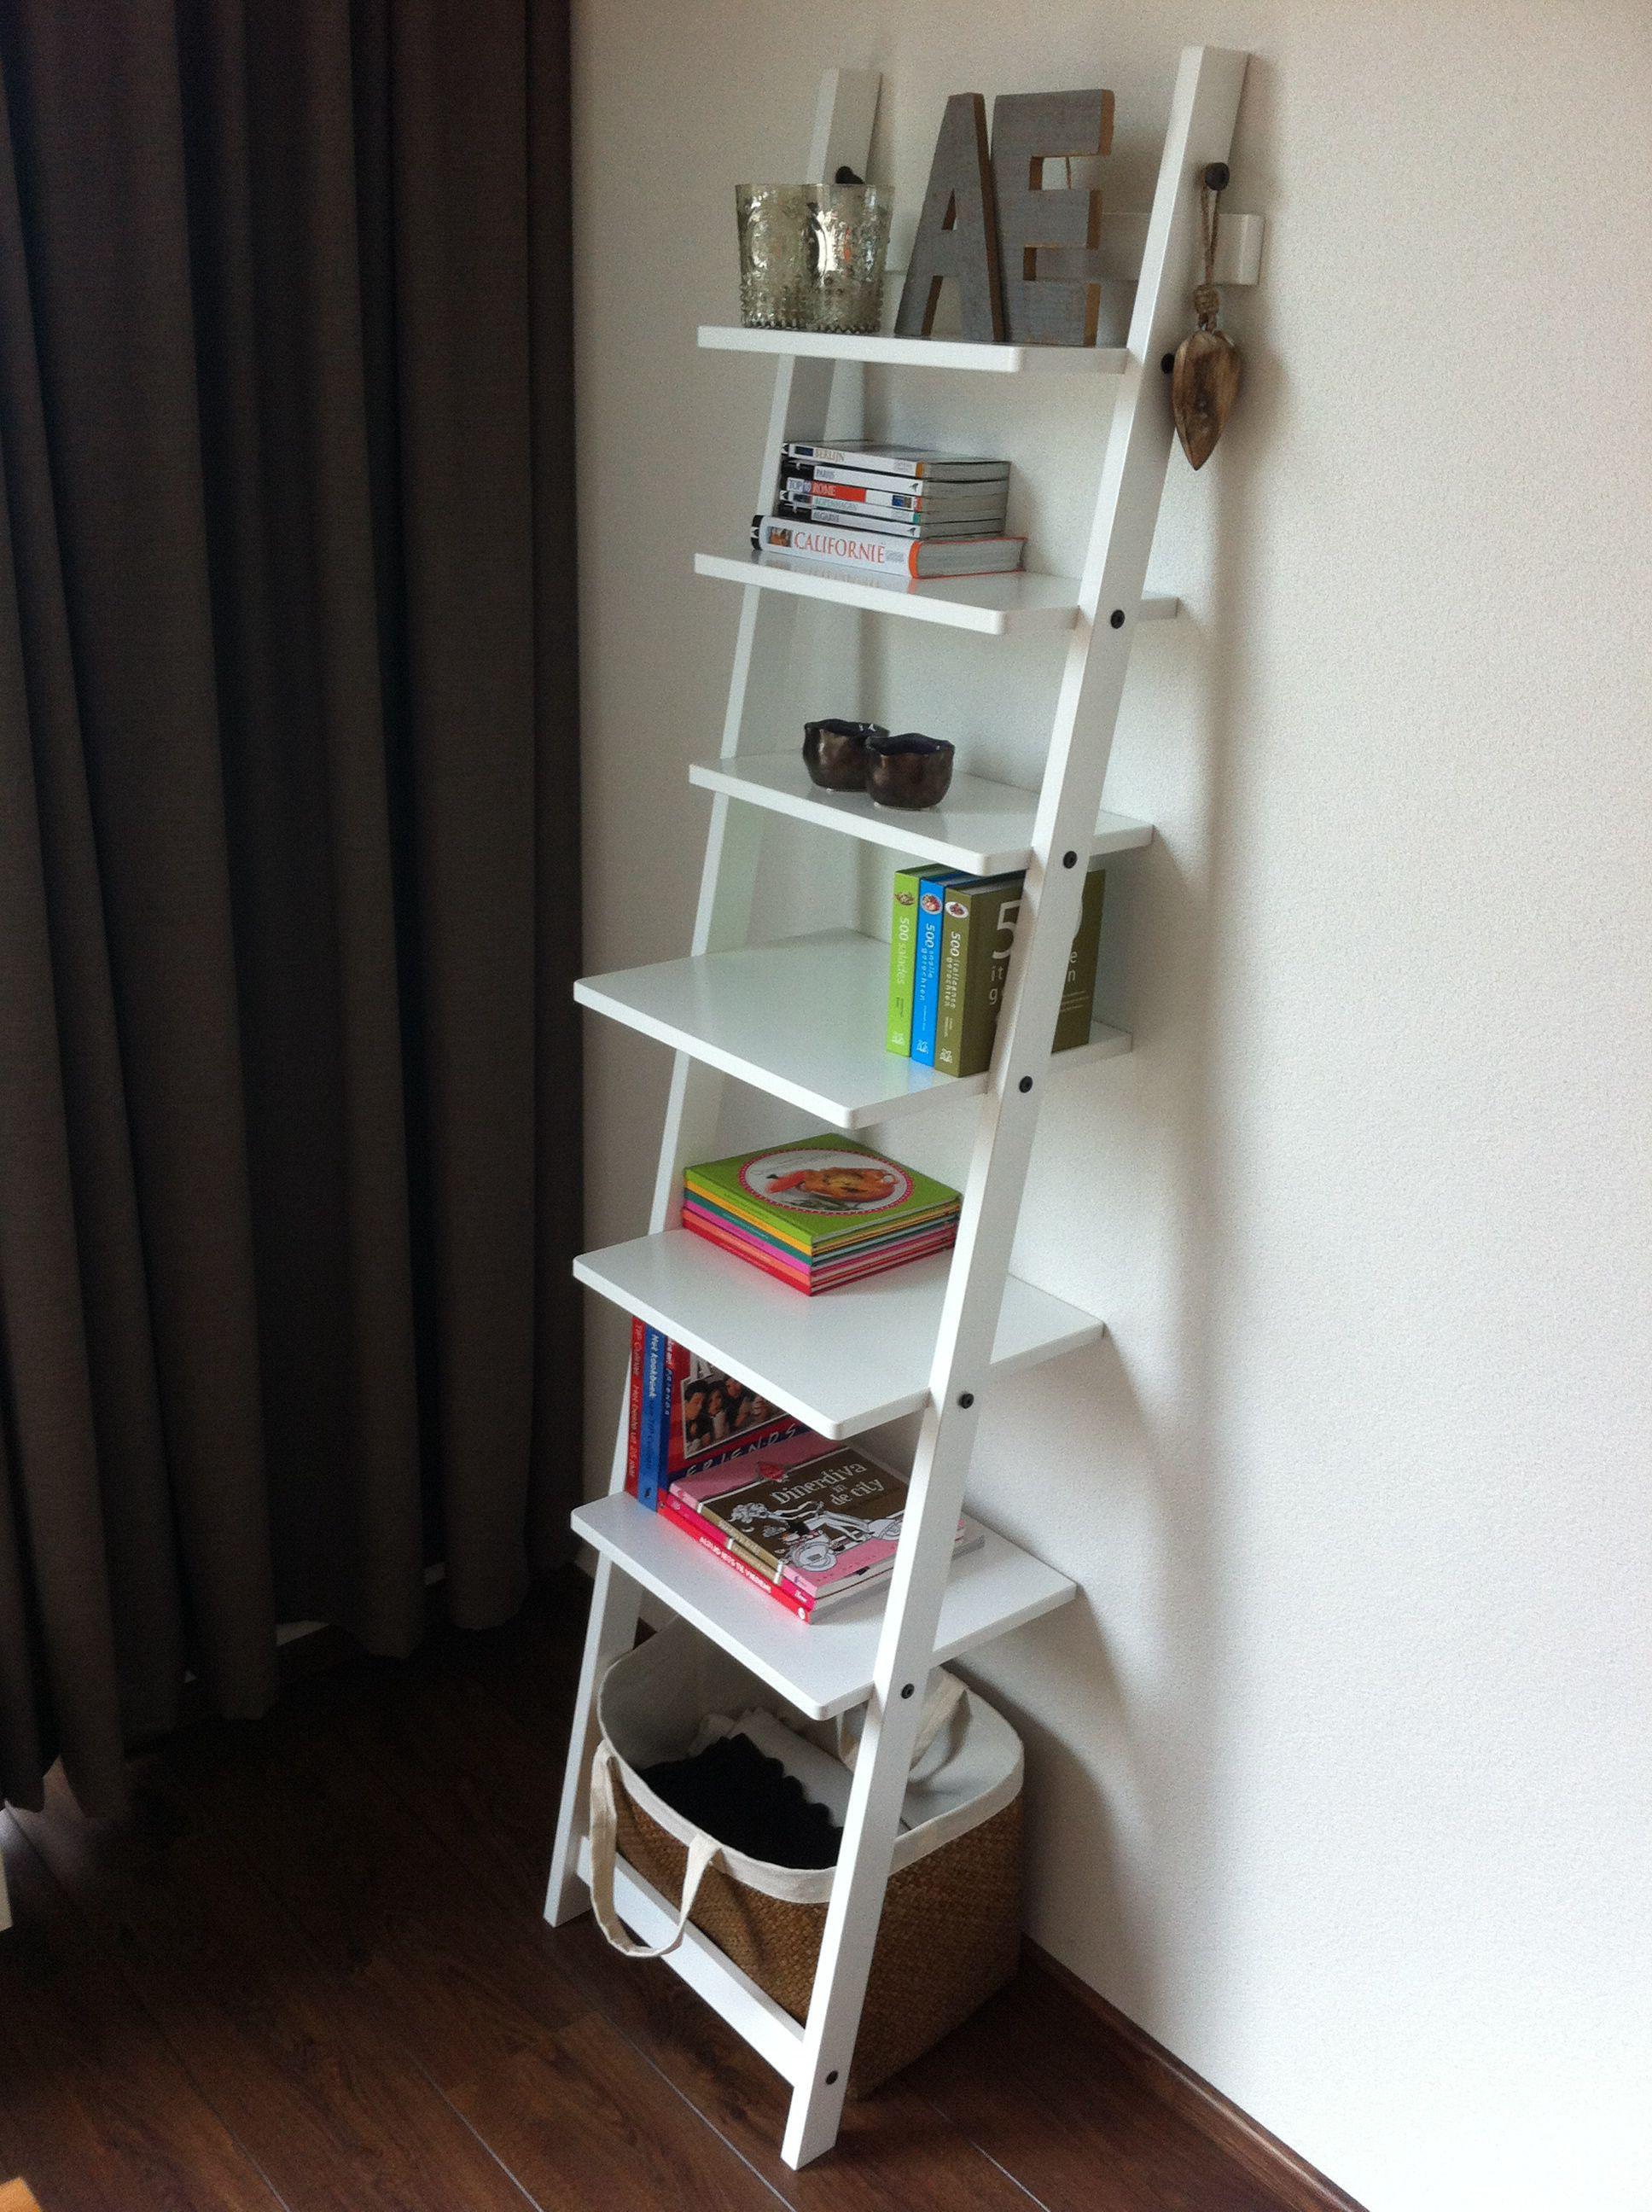 Woonkamer  Wandrek   met kookboeken en reisgidsen   Idee u00ebn voor het huis   Pinterest